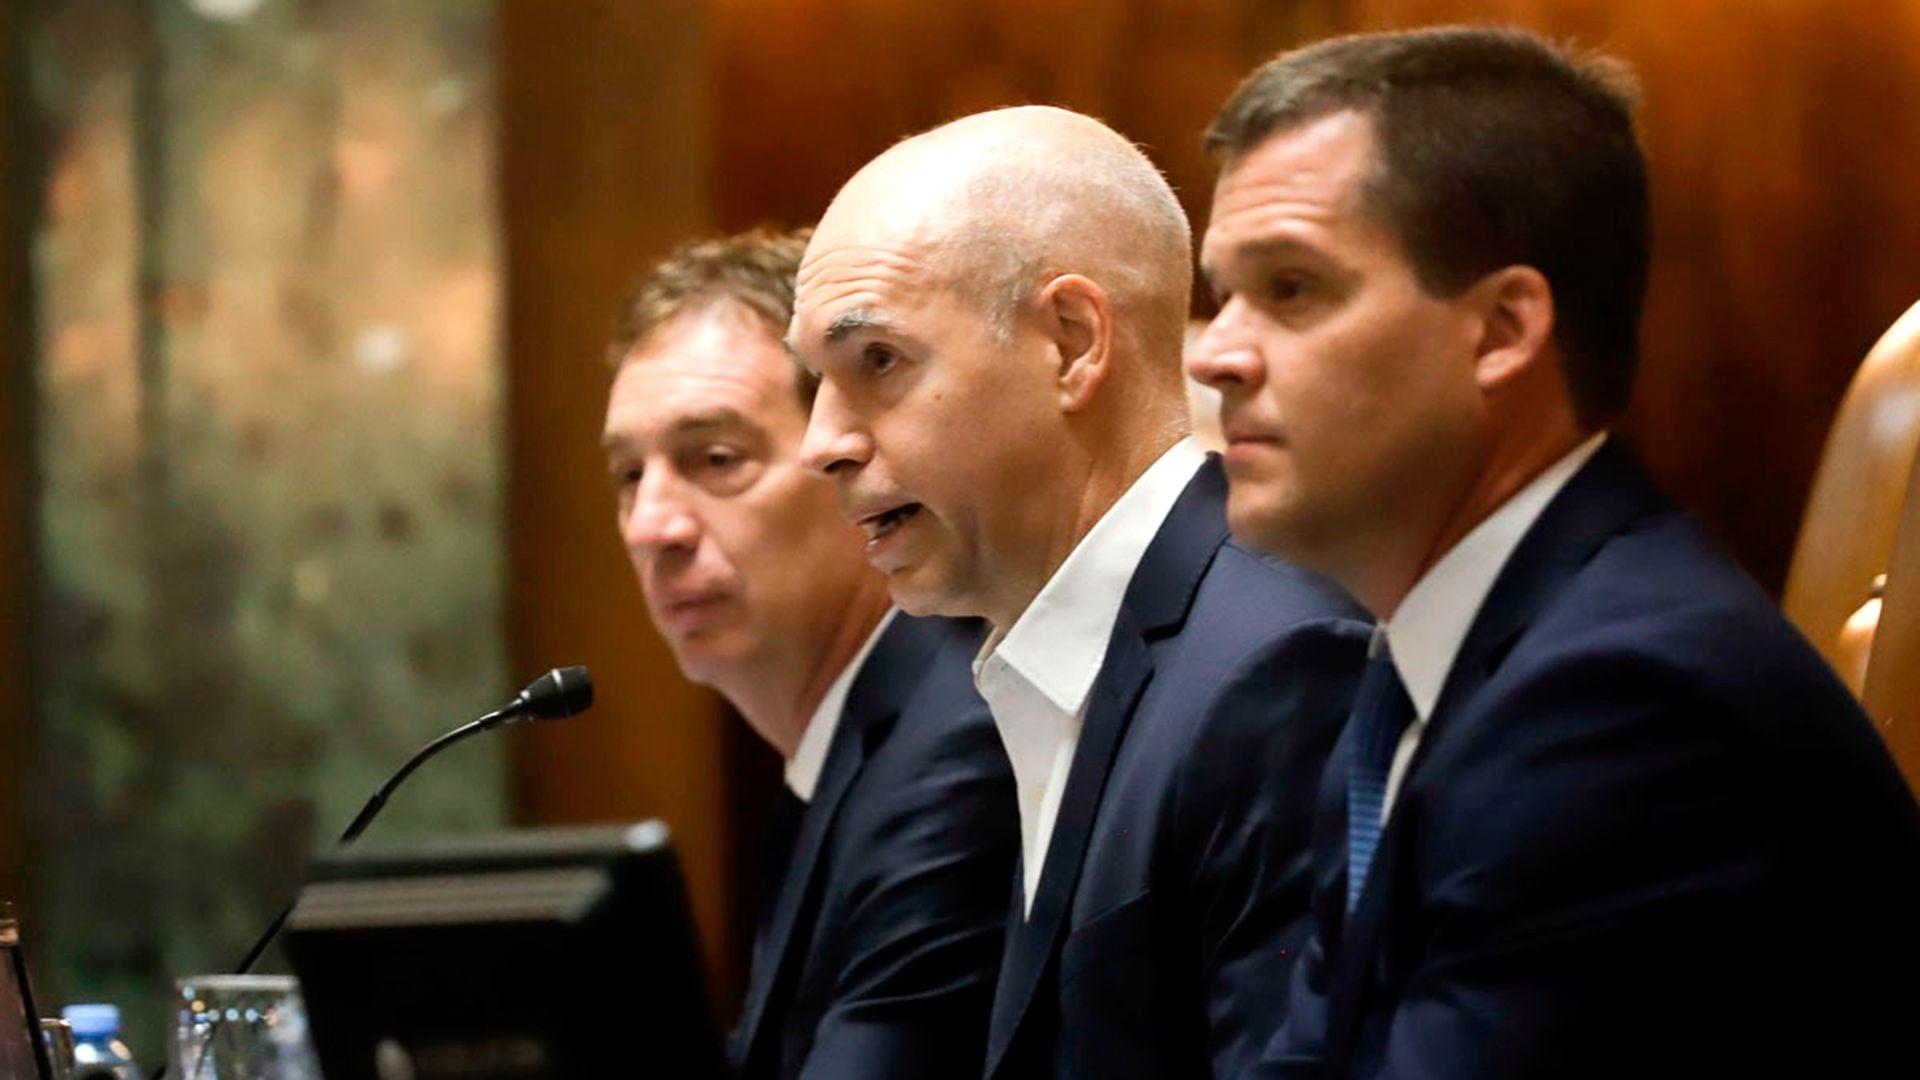 Rodríguez Larreta estuvo acompañado por el vicejefe Diego Santilli y el nuevo vicepresidente de la Legislatura Agustin Forchieri